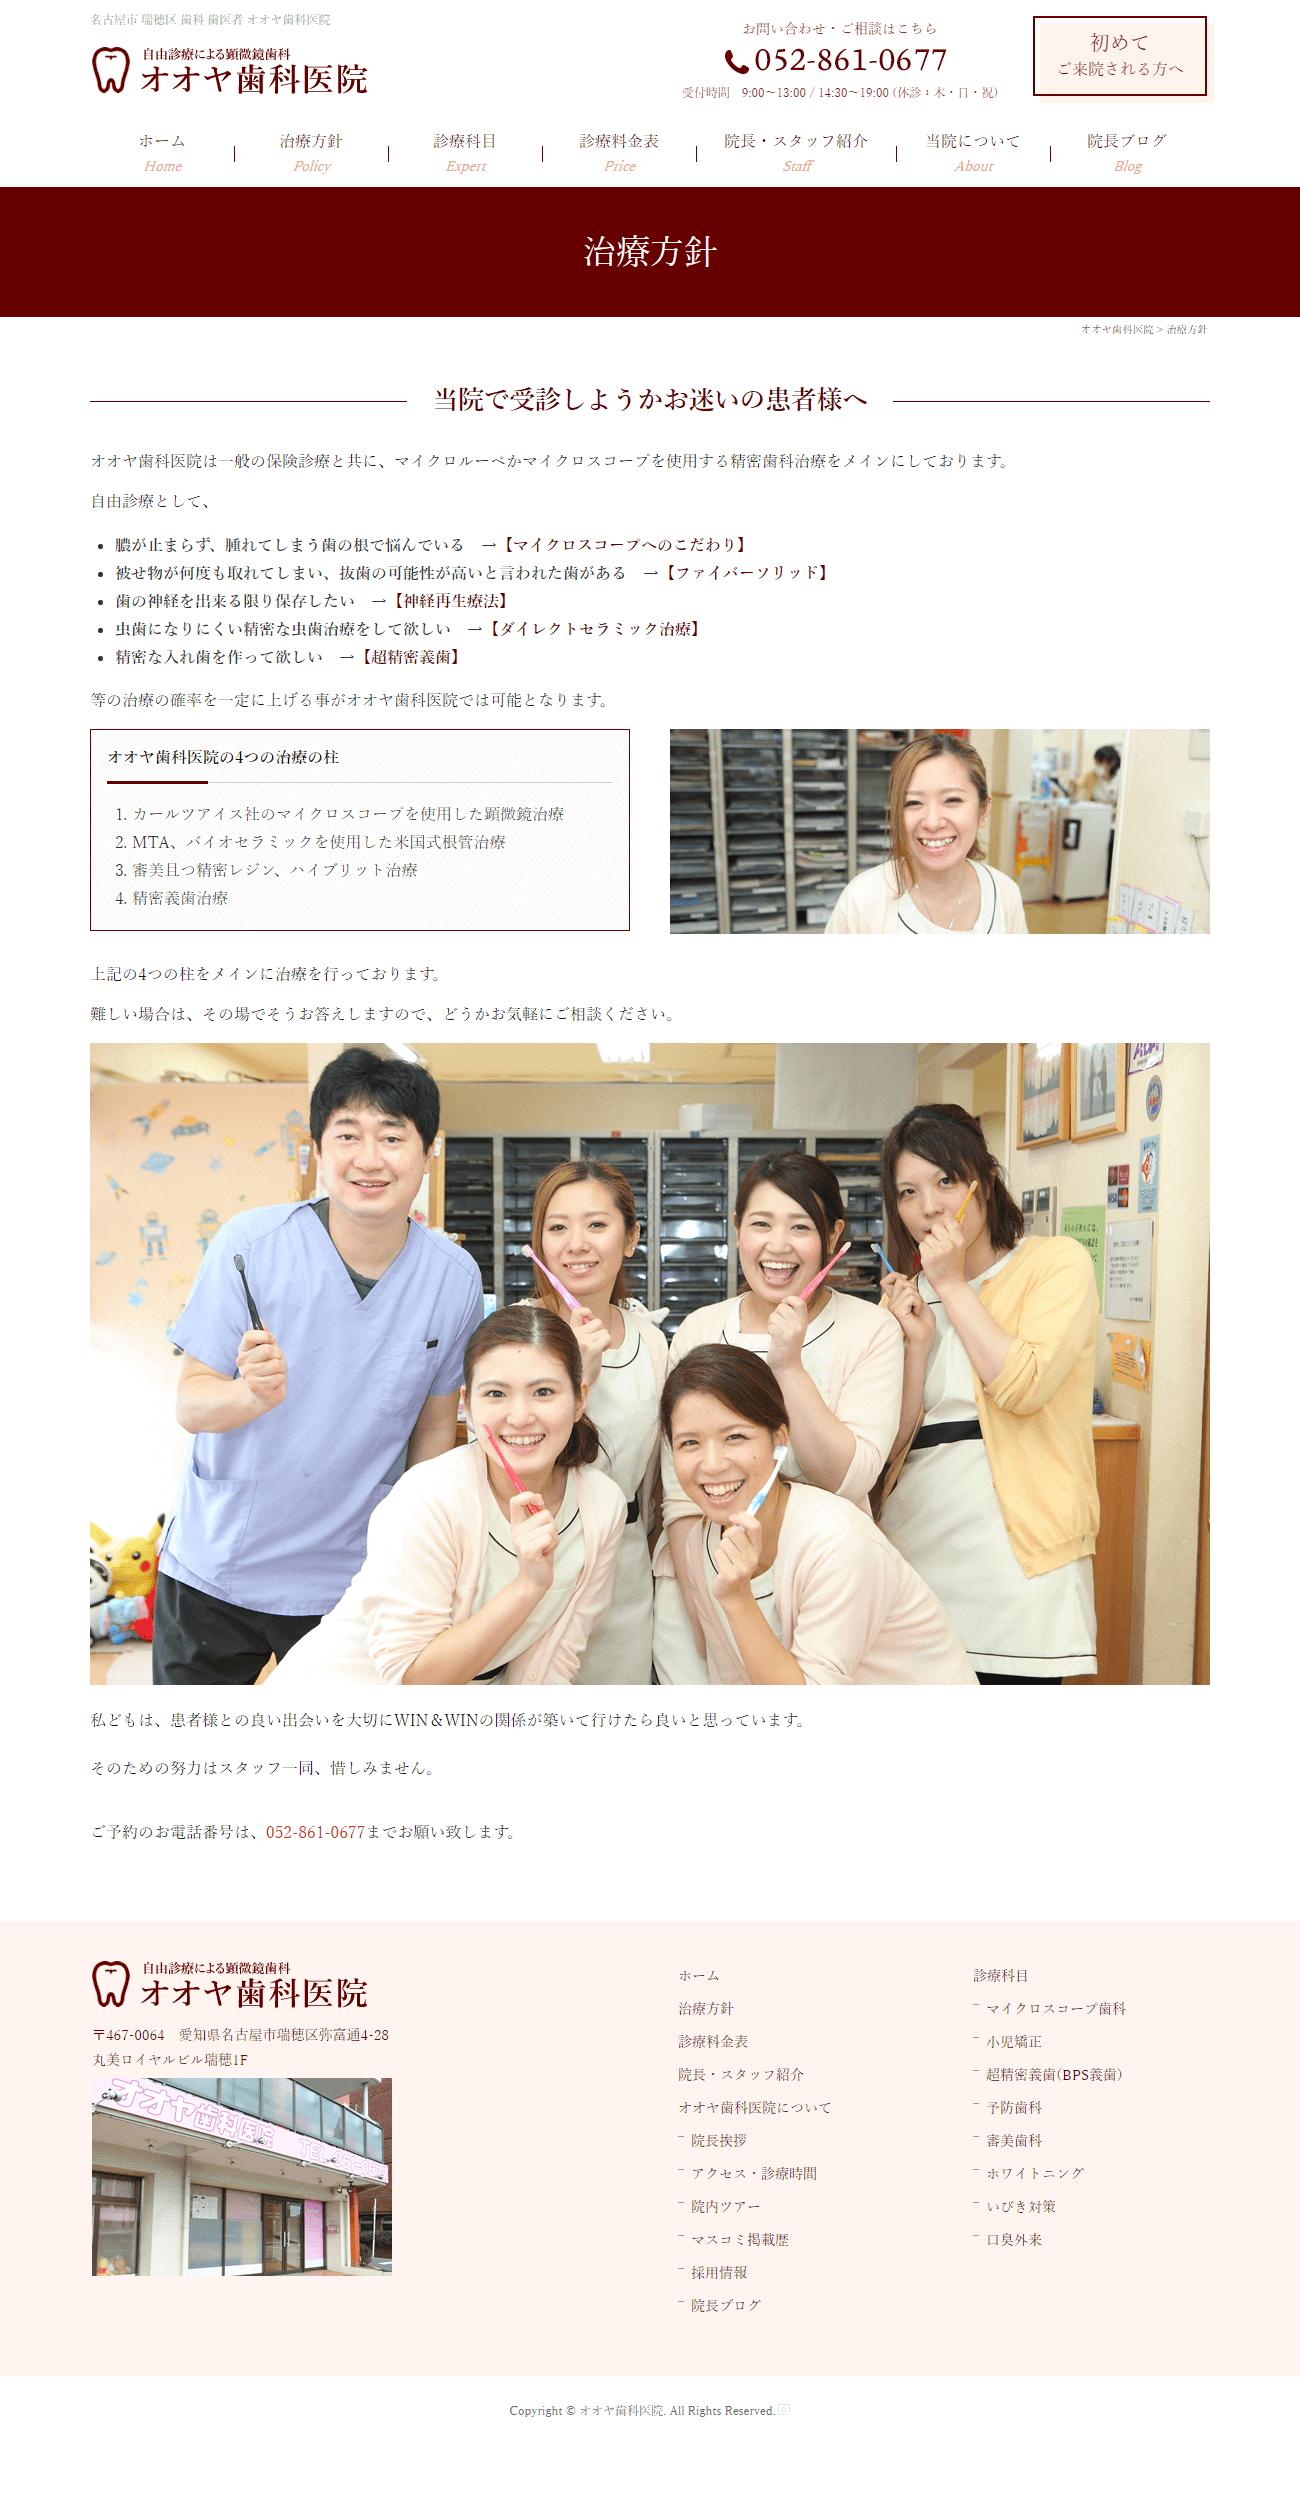 名古屋市 オオヤ歯科医院様 ホームページ制作2